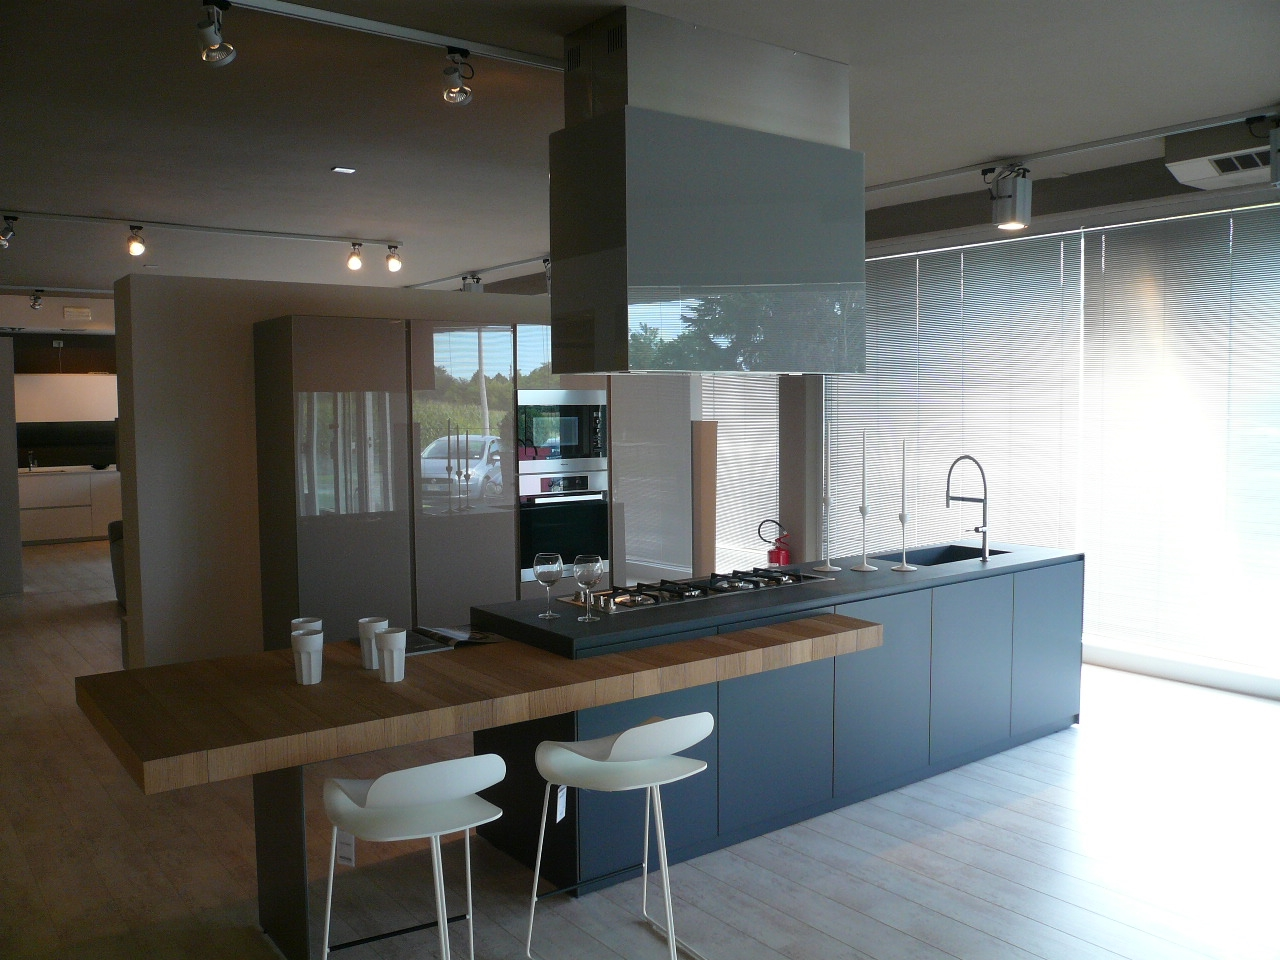 Stunning Modulnova Cucine Outlet Ideas - Ideas & Design 2017 ...